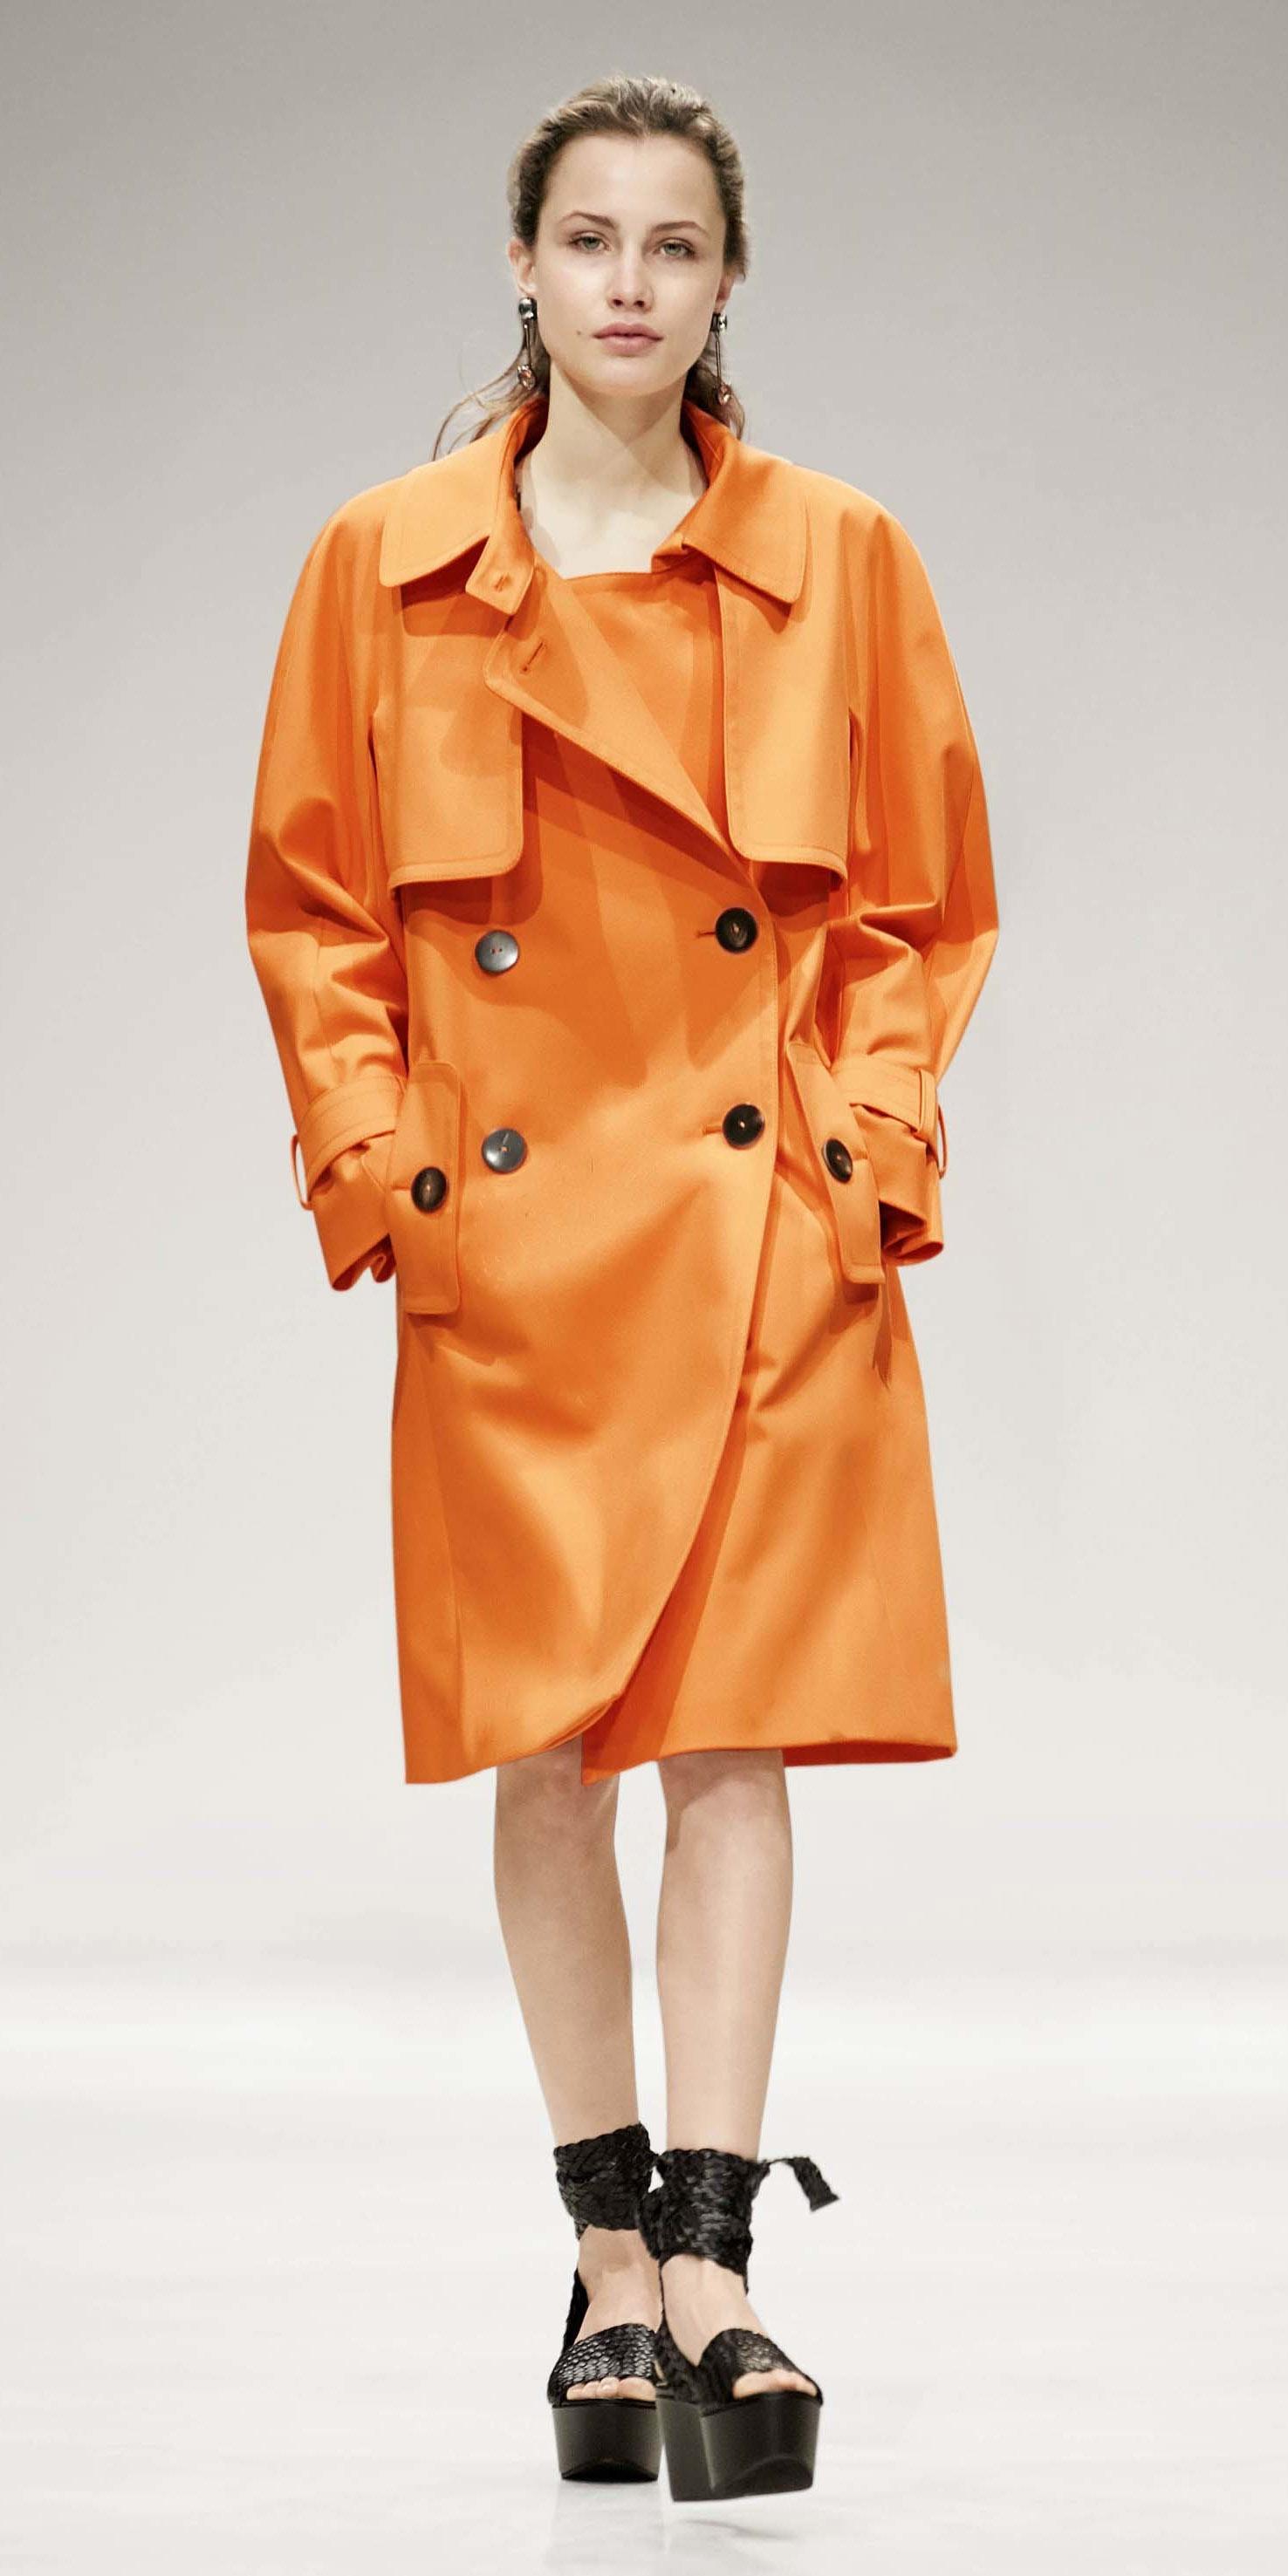 orange-jacket-coat-trench-black-shoe-sandalw-hairr-spring-summer-dinner.jpg